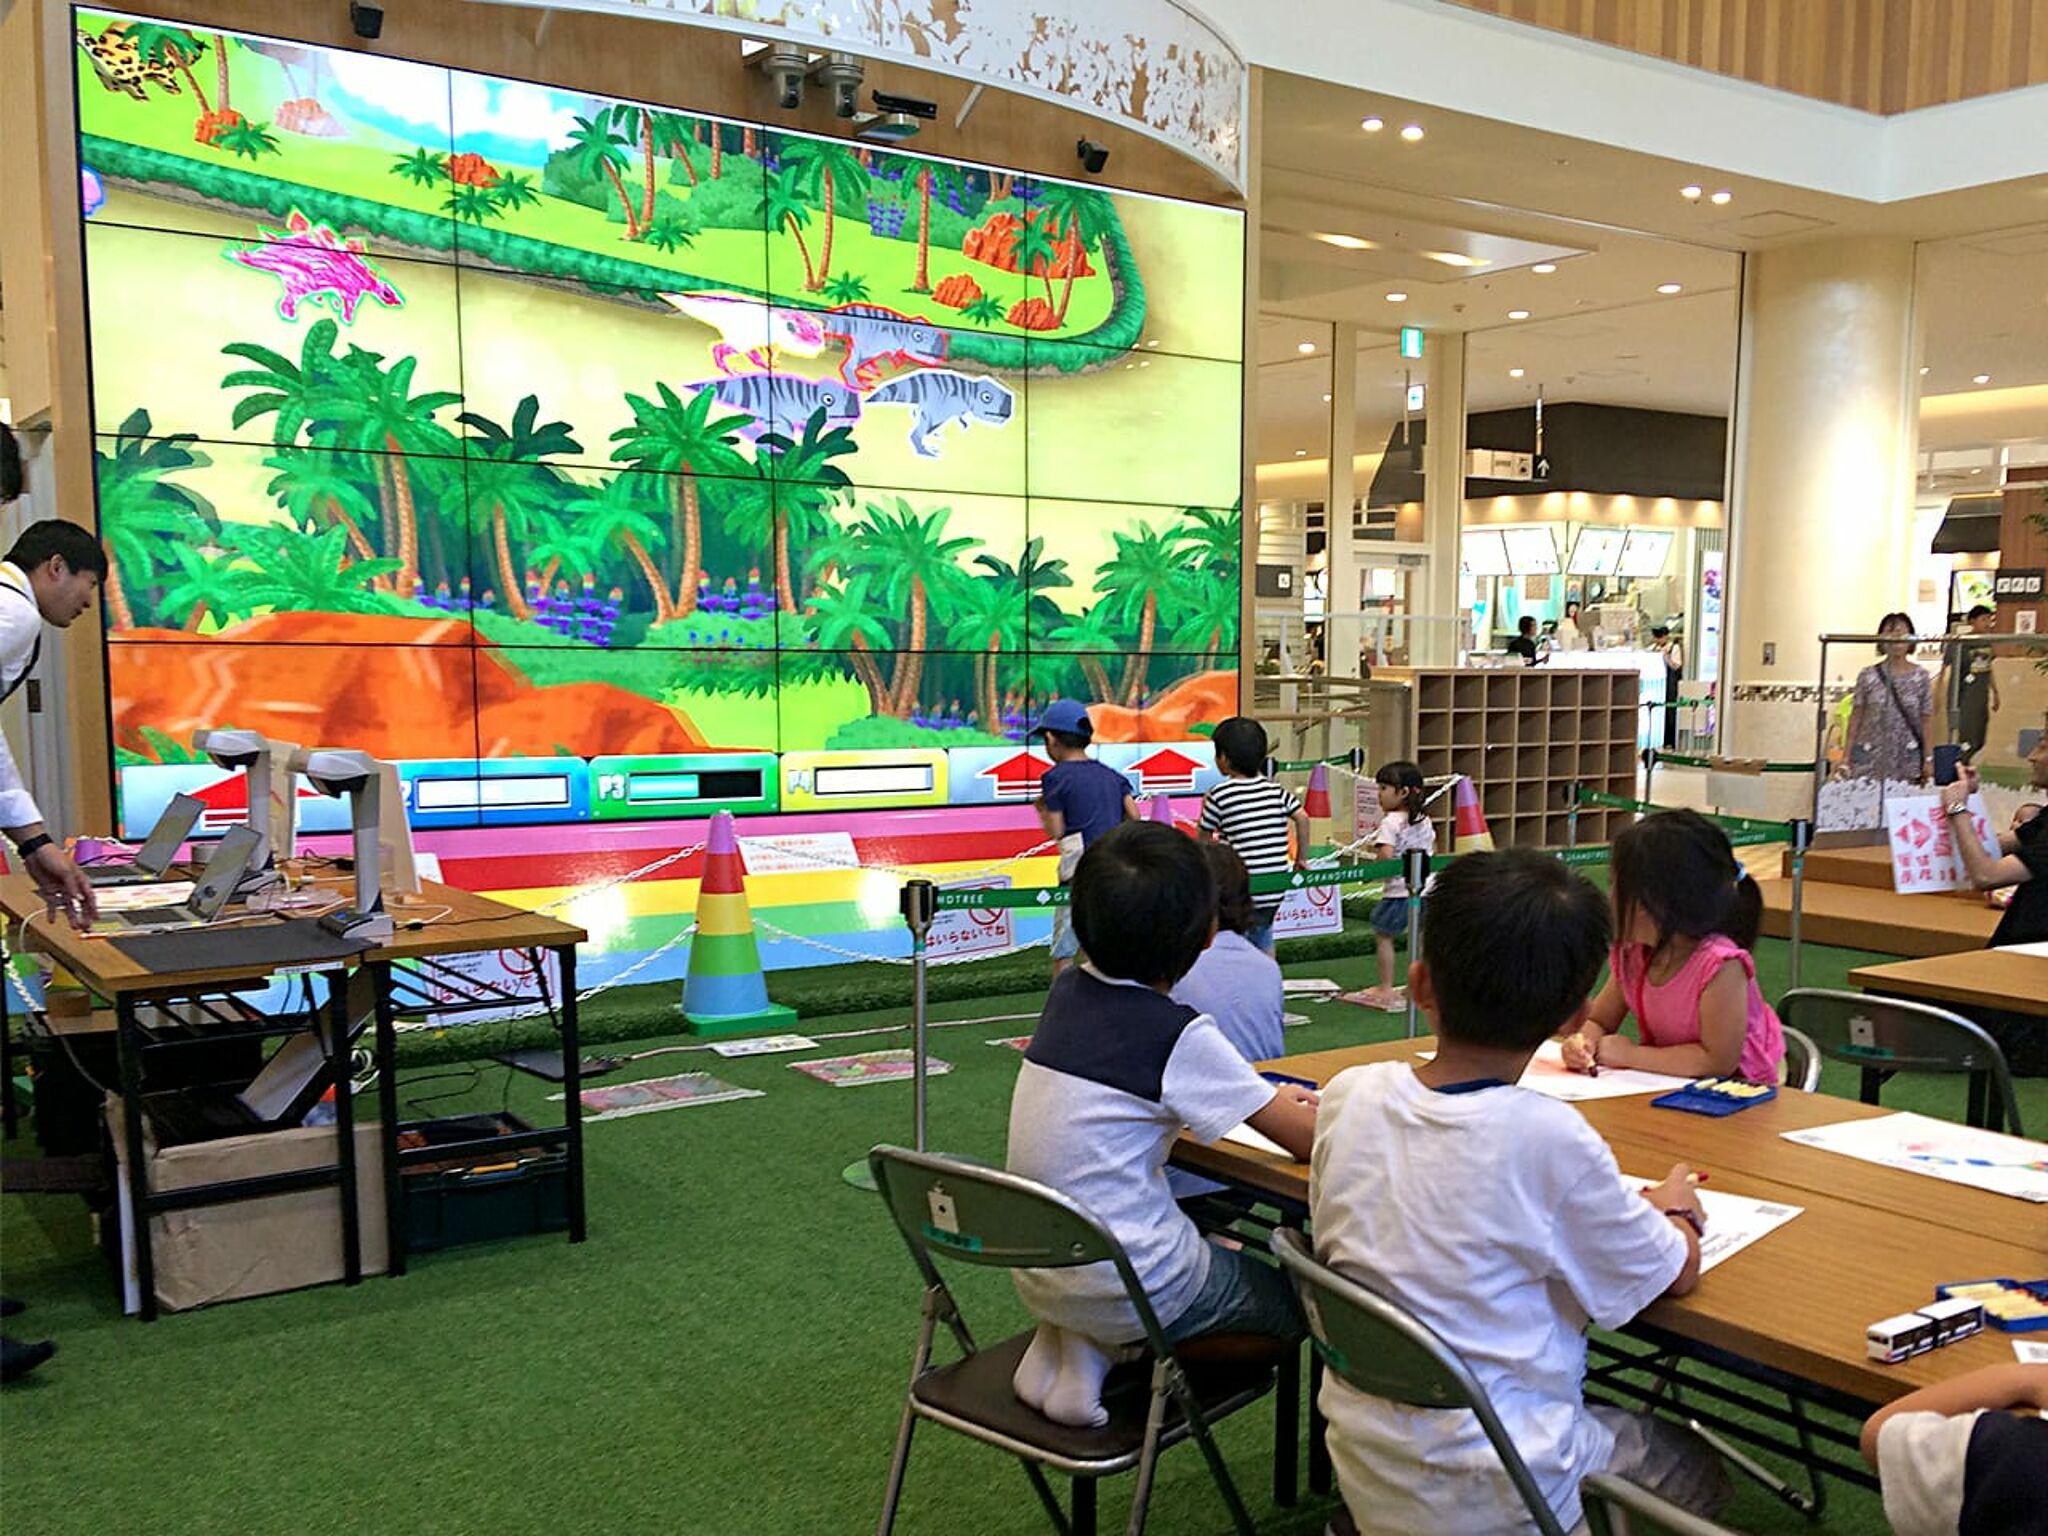 デジタルアトラクションで遊ぶ子どもたちの画像